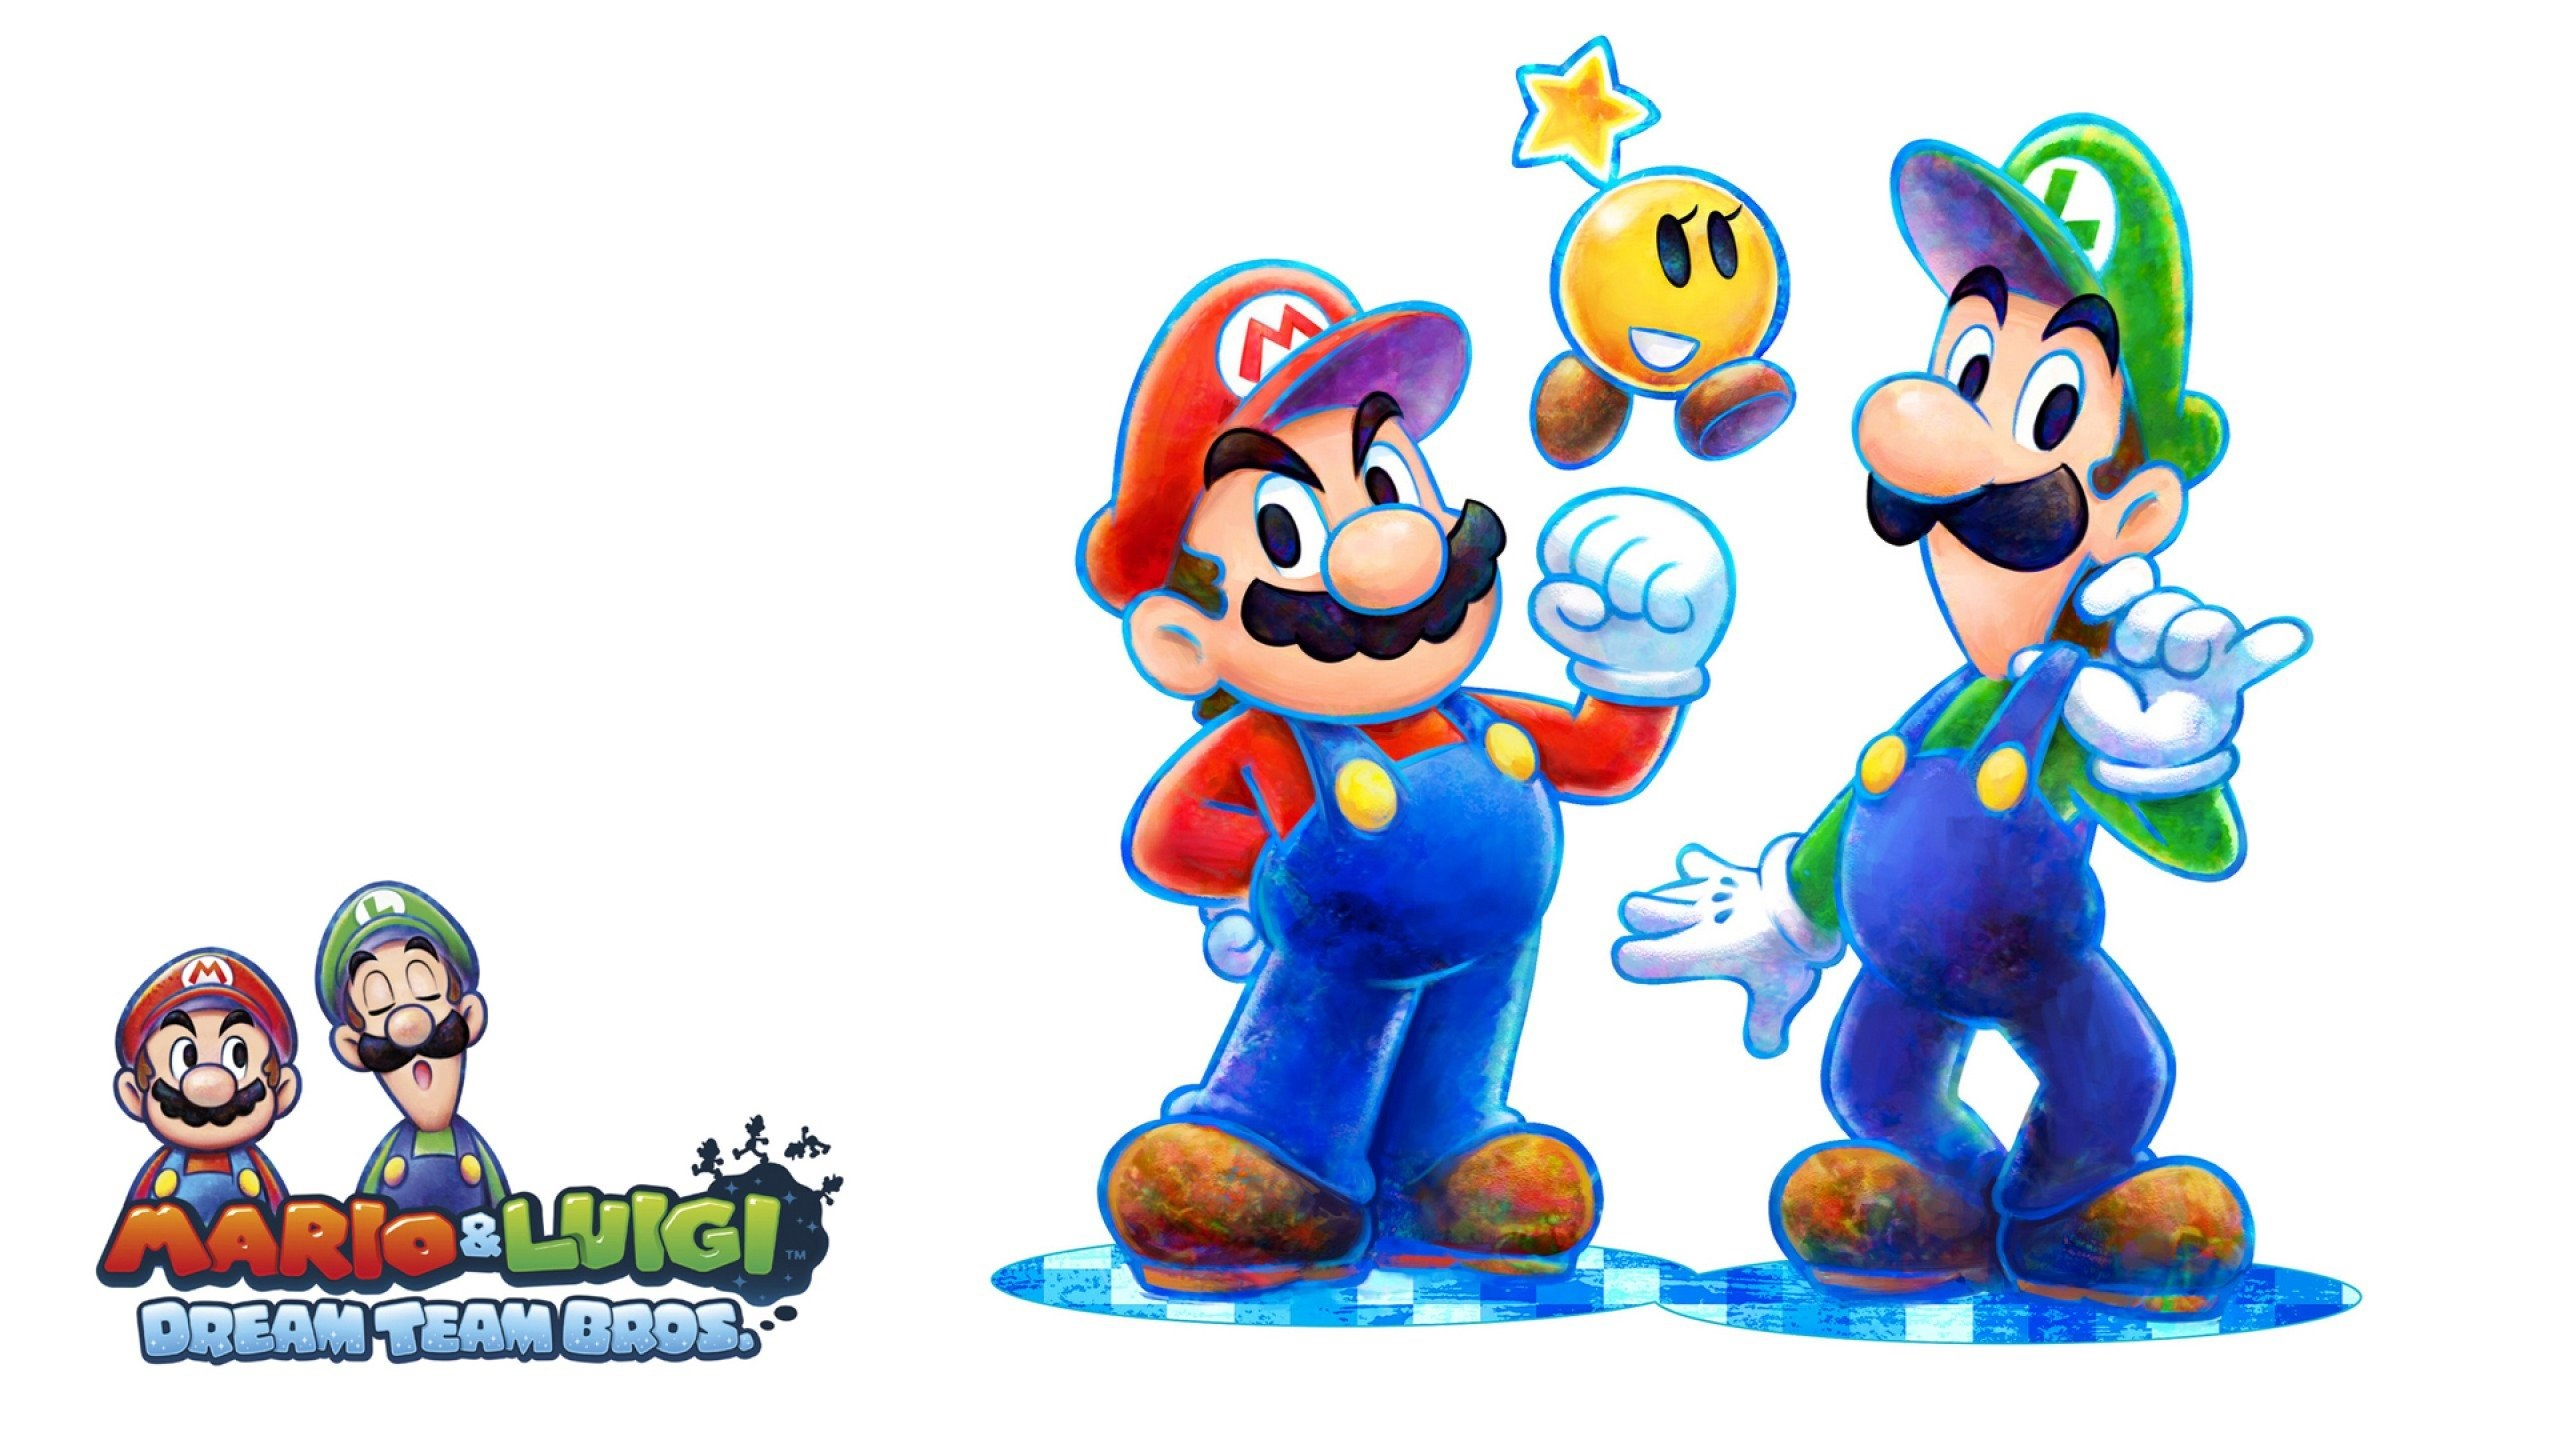 Mario Luigi Dream Team 2560x1440 Desktop Background